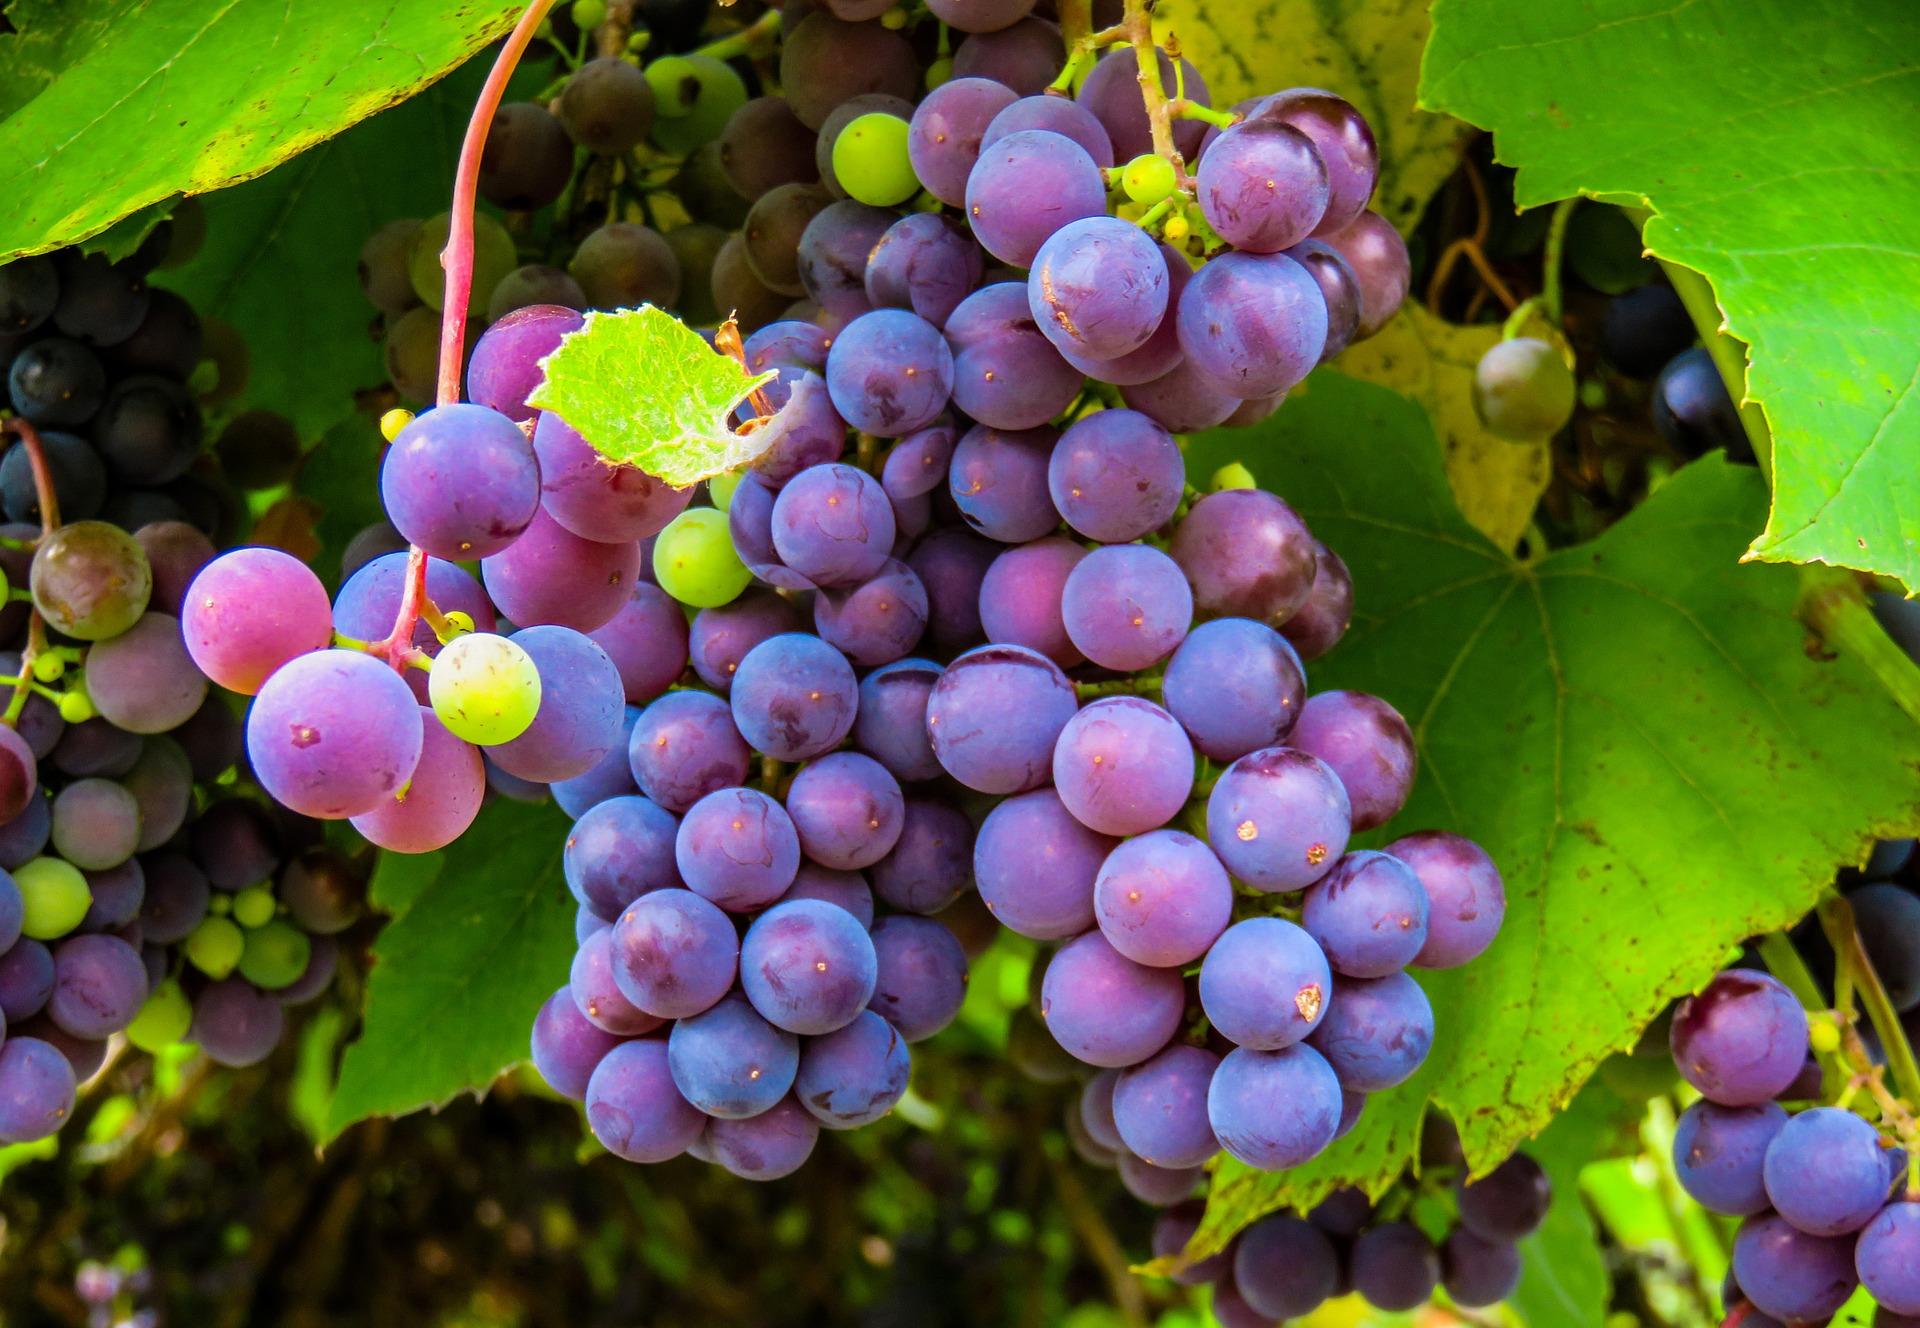 Cómo reducir hasta en 94% el daño a cultivos de uva: casos de estudio